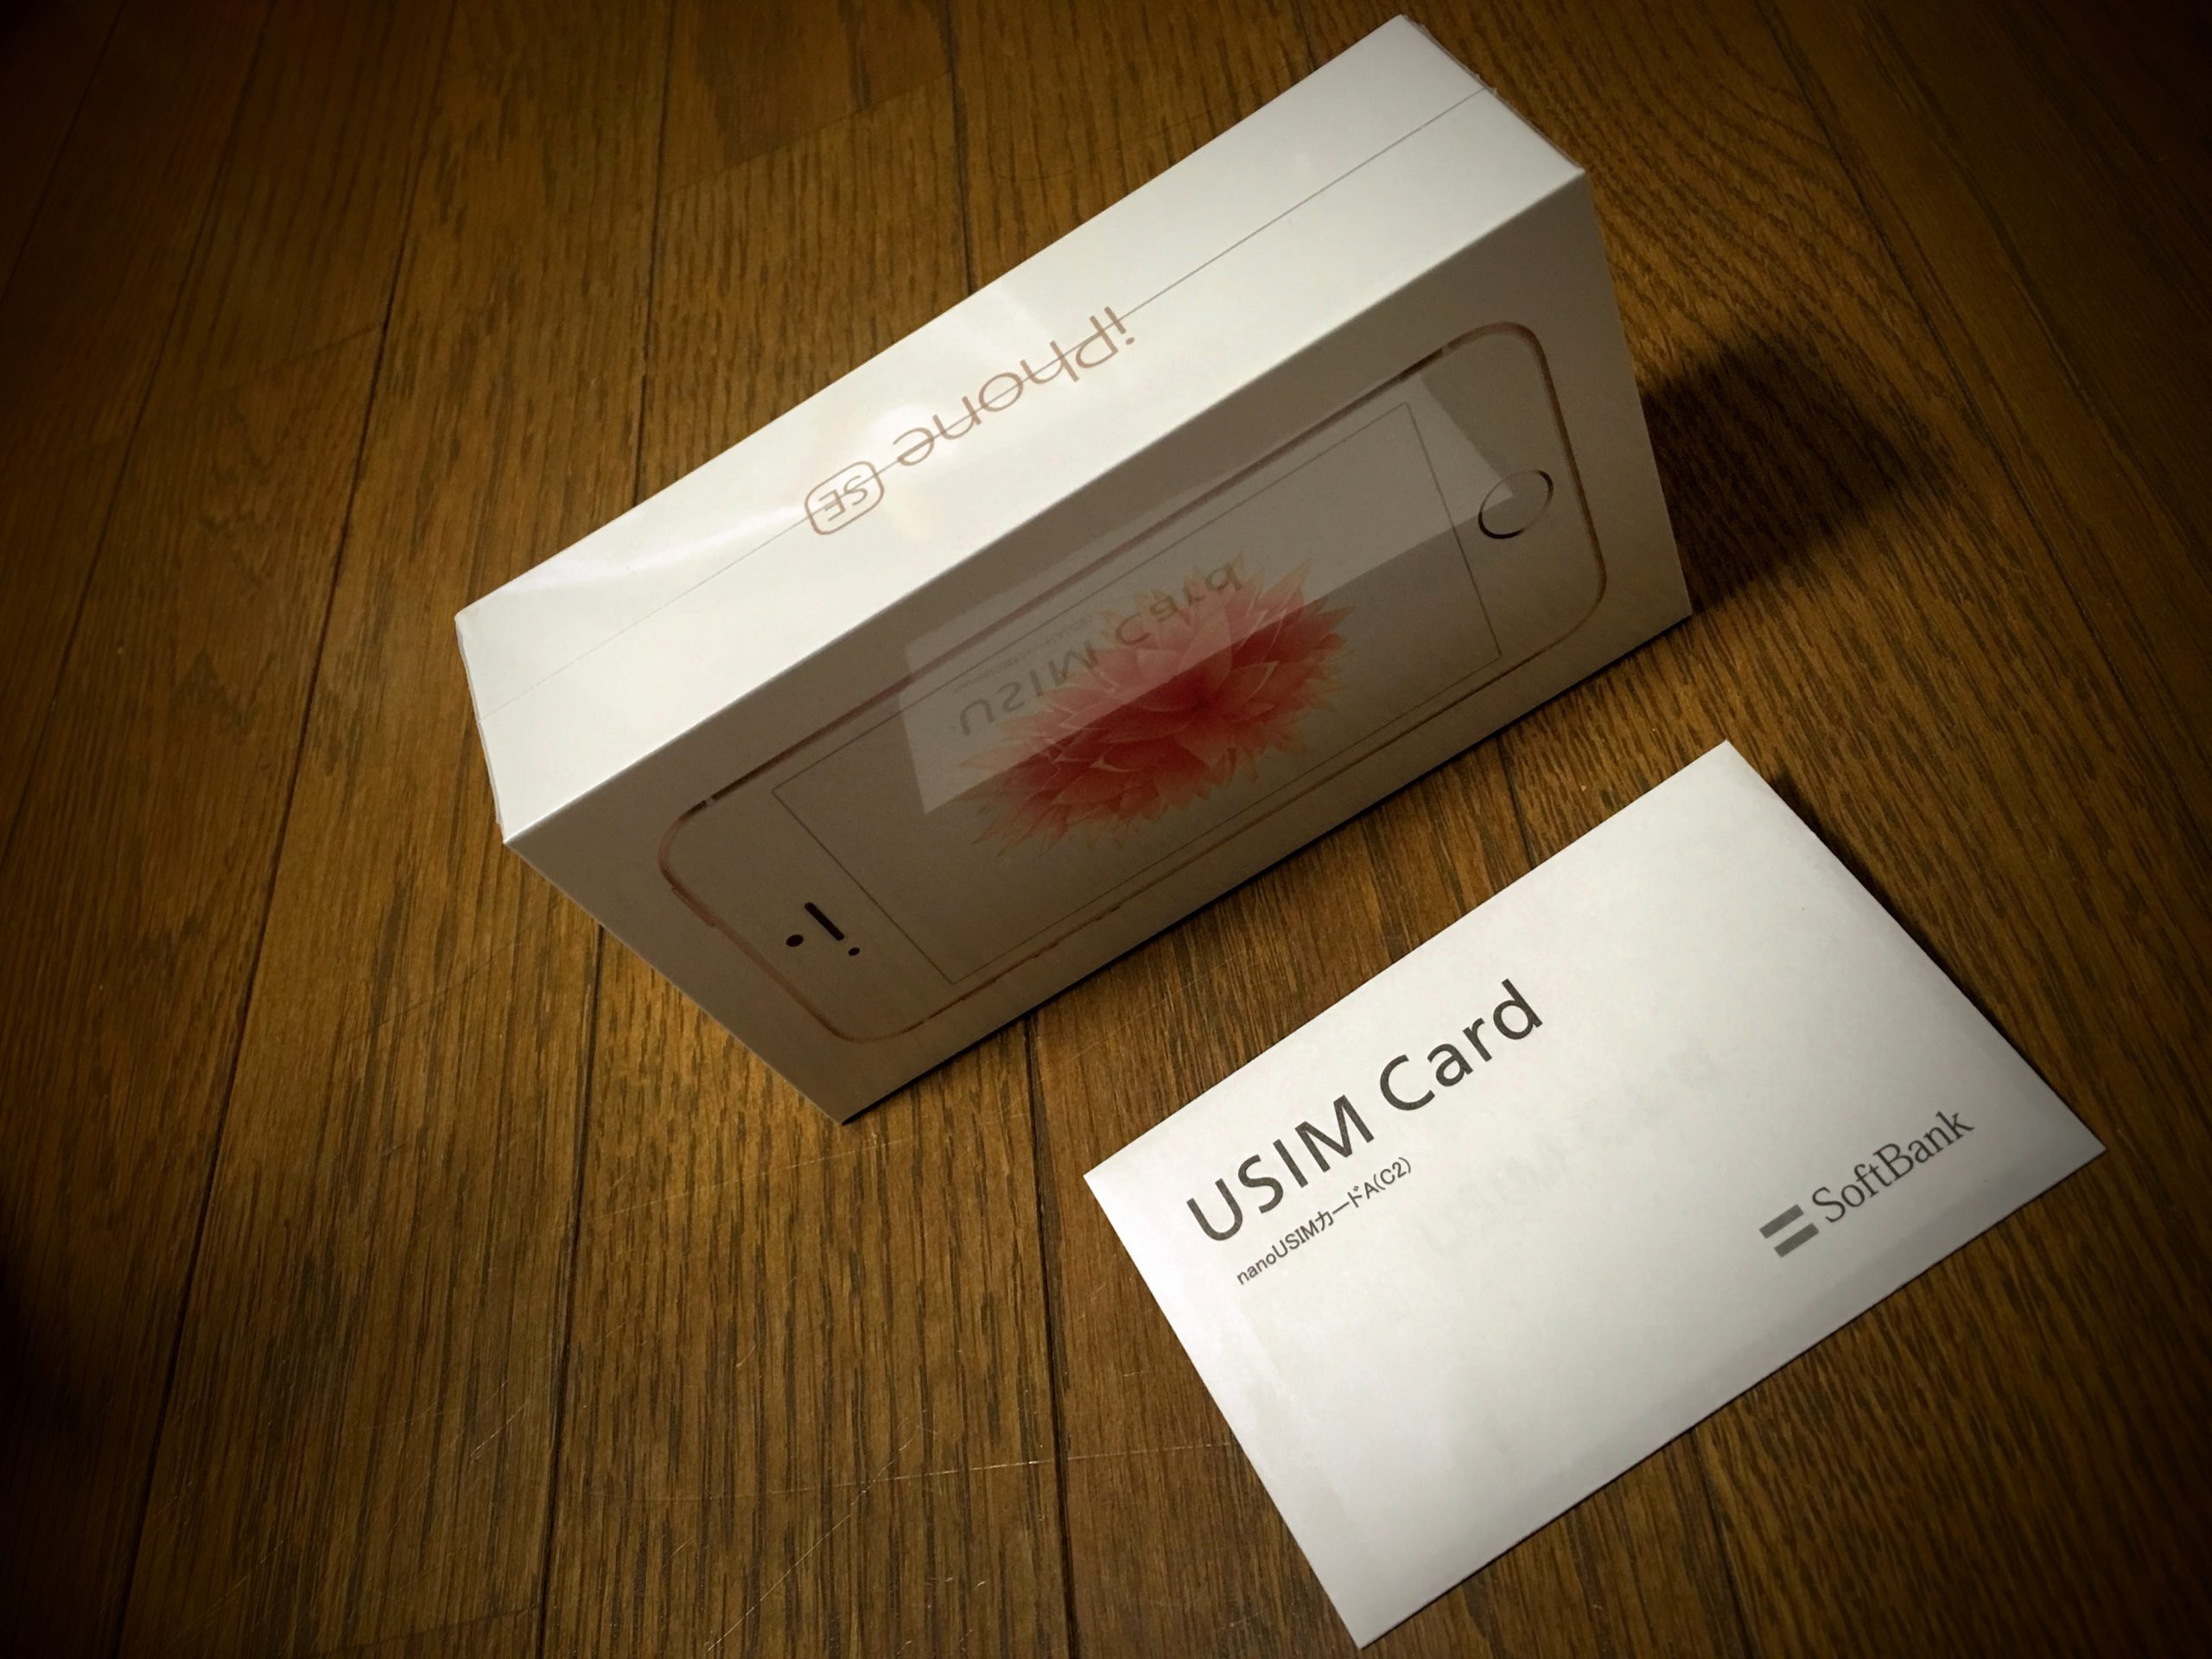 iPhone SE 買いました^^嫁のですが。。。